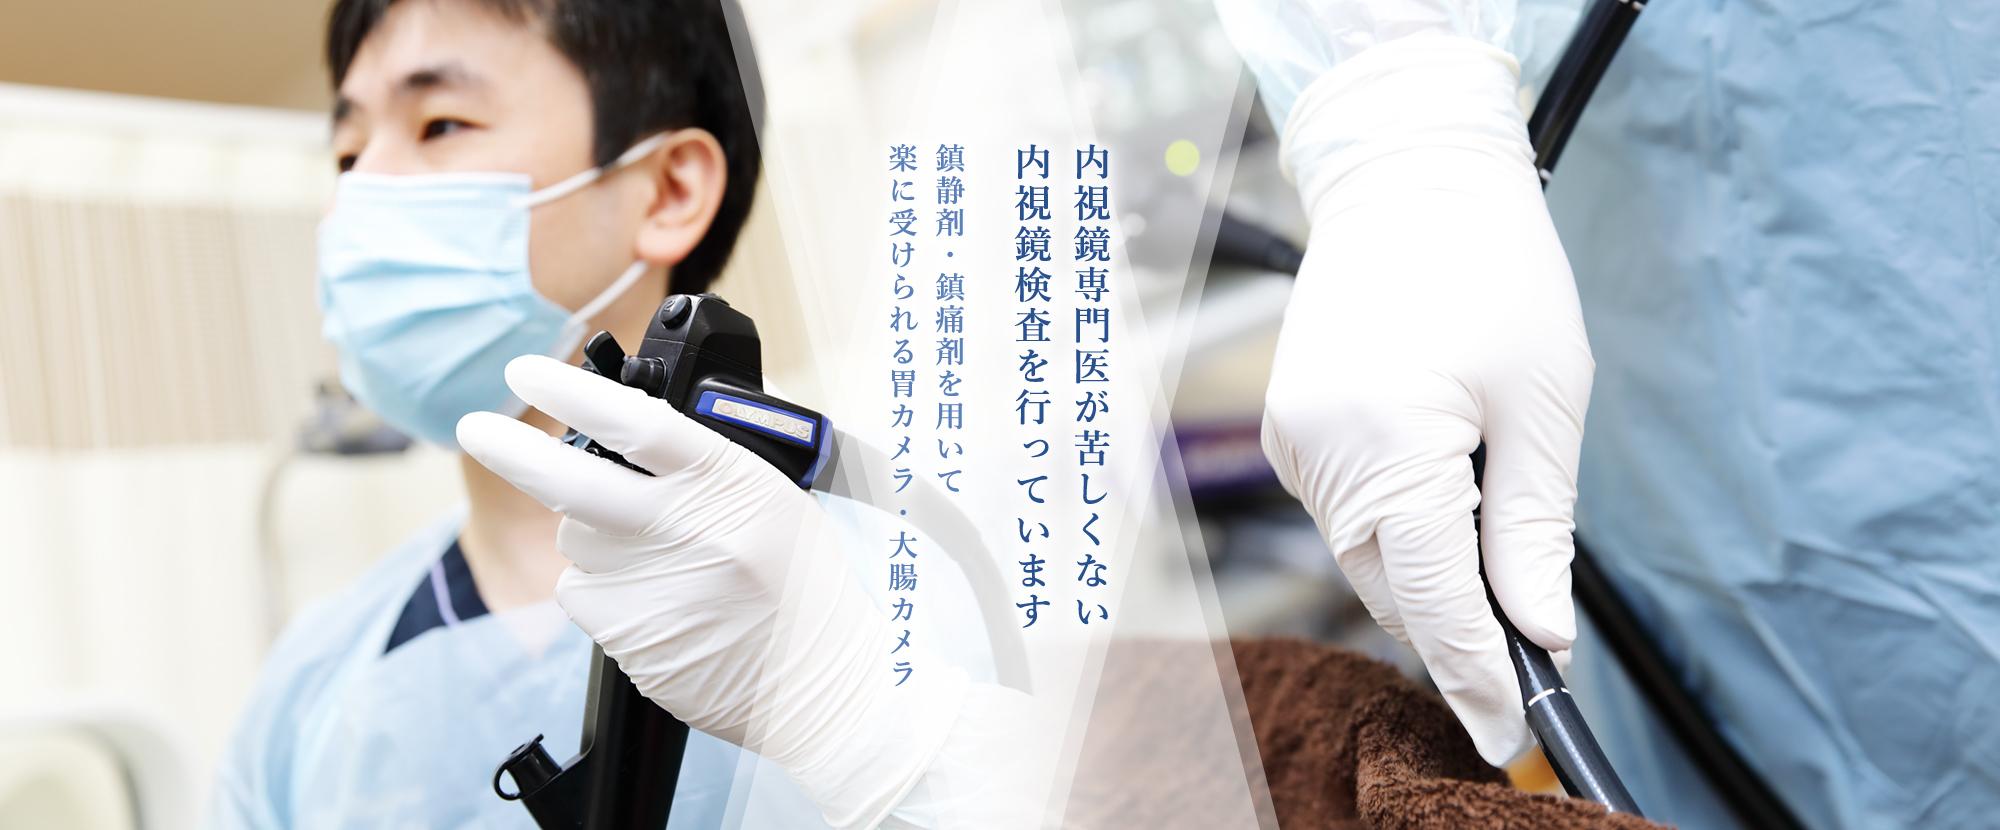 内視鏡専門医が苦しくない内視鏡検査を行っています